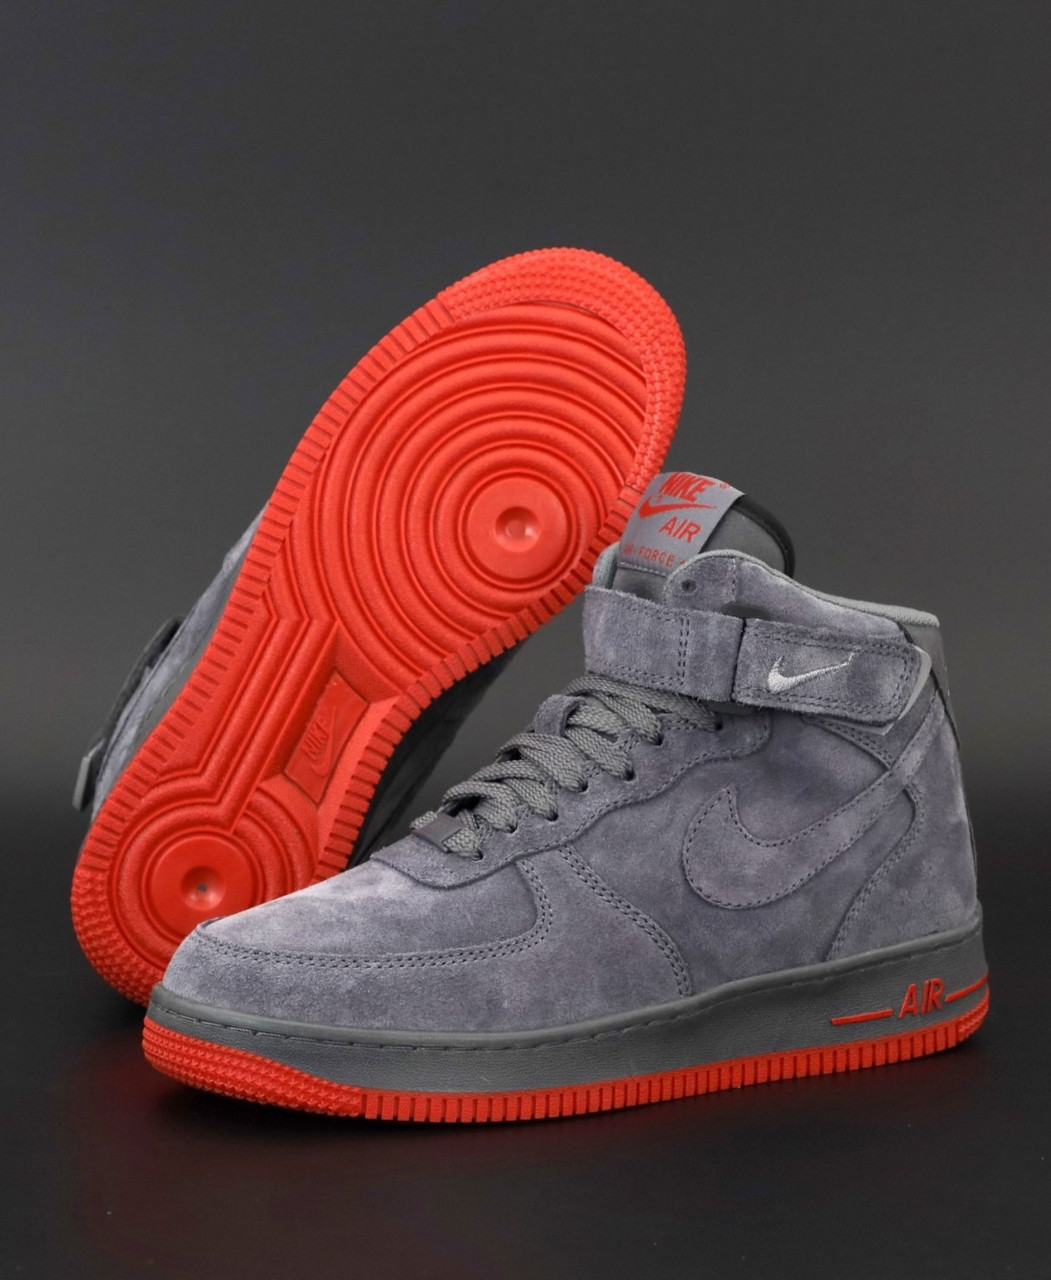 Зимние мужские кроссовки Nike Air Force  c мехом, Найк Аир Форс серые высокие на липучке